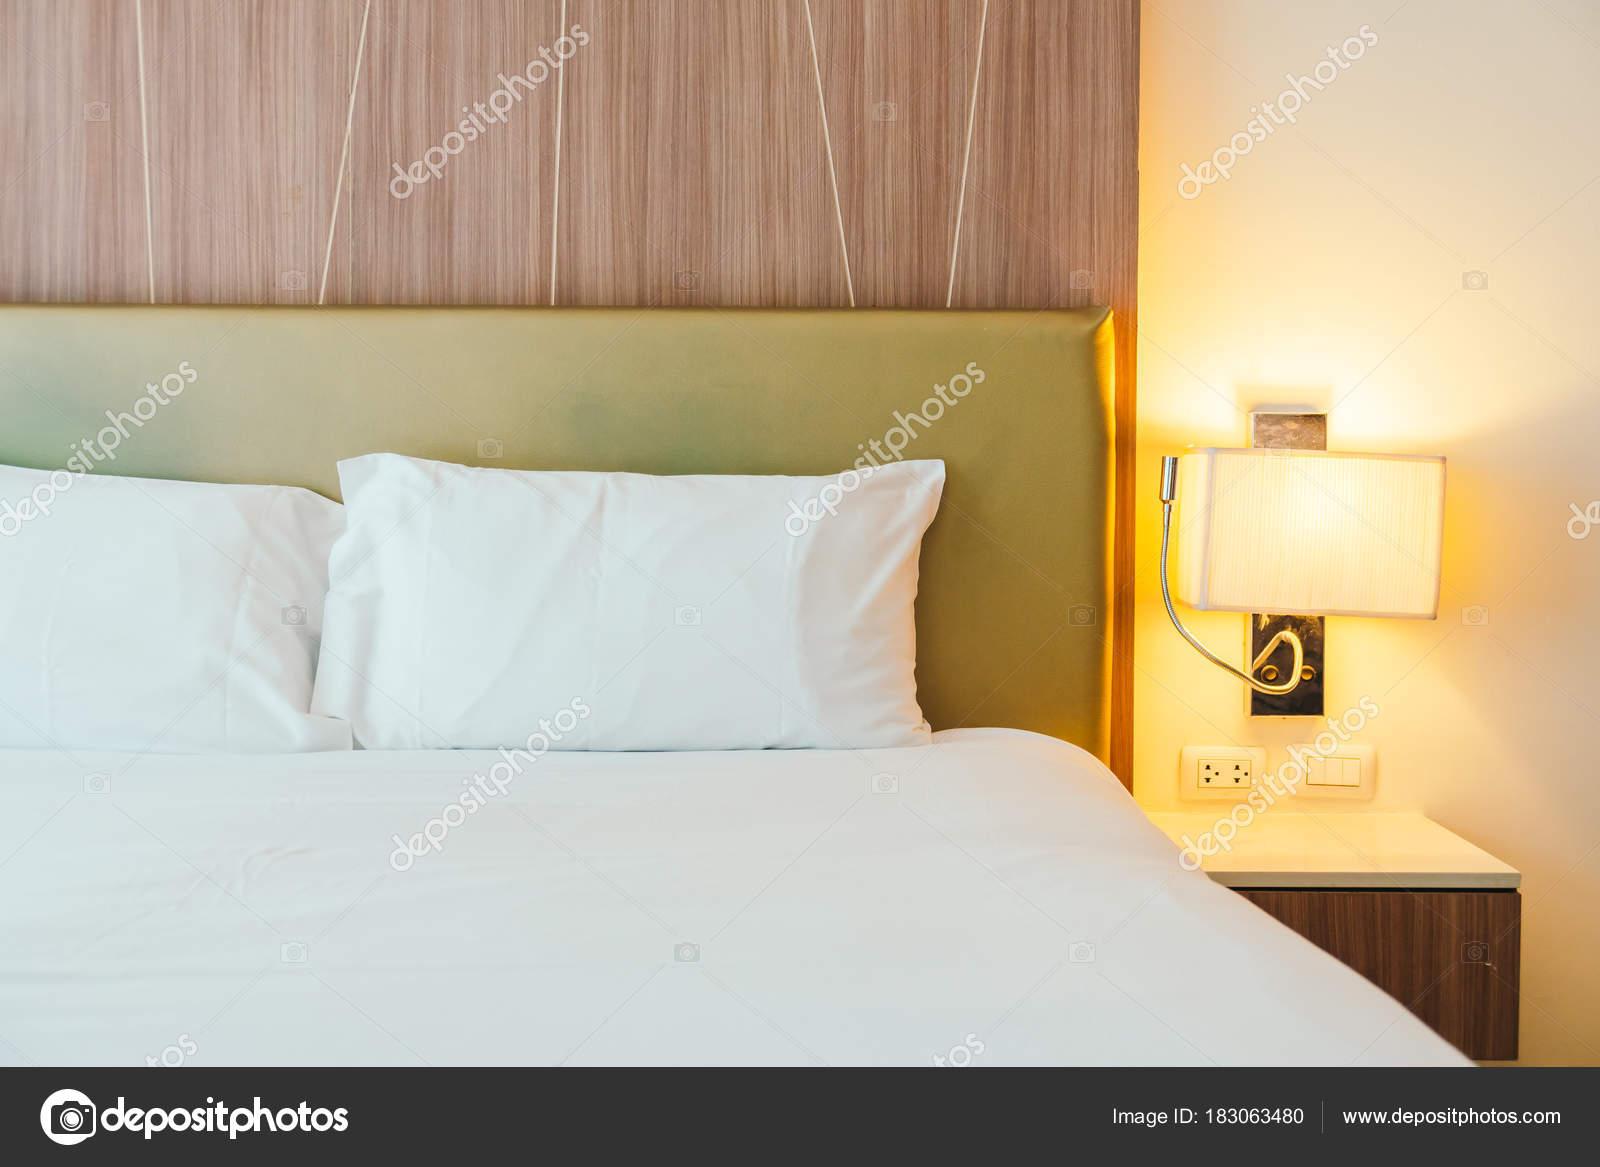 Witte kussen het bed decoratie slaapkamer interieur u stockfoto